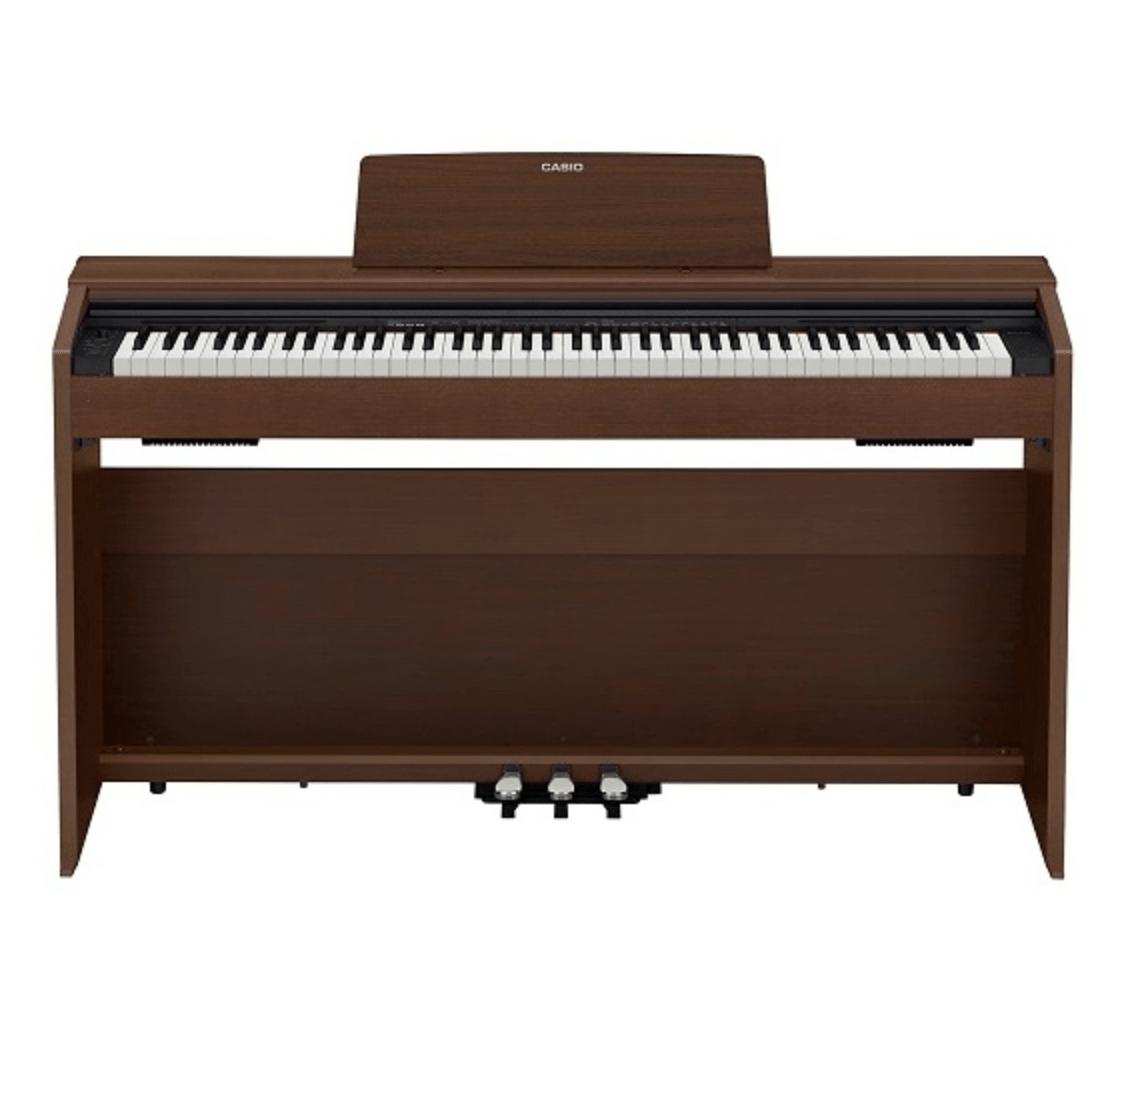 Купить Casio Privia PX-870BN Кабинетное цифровое фортепиано высокого уровня в компактном корпусе, цвет палисандр